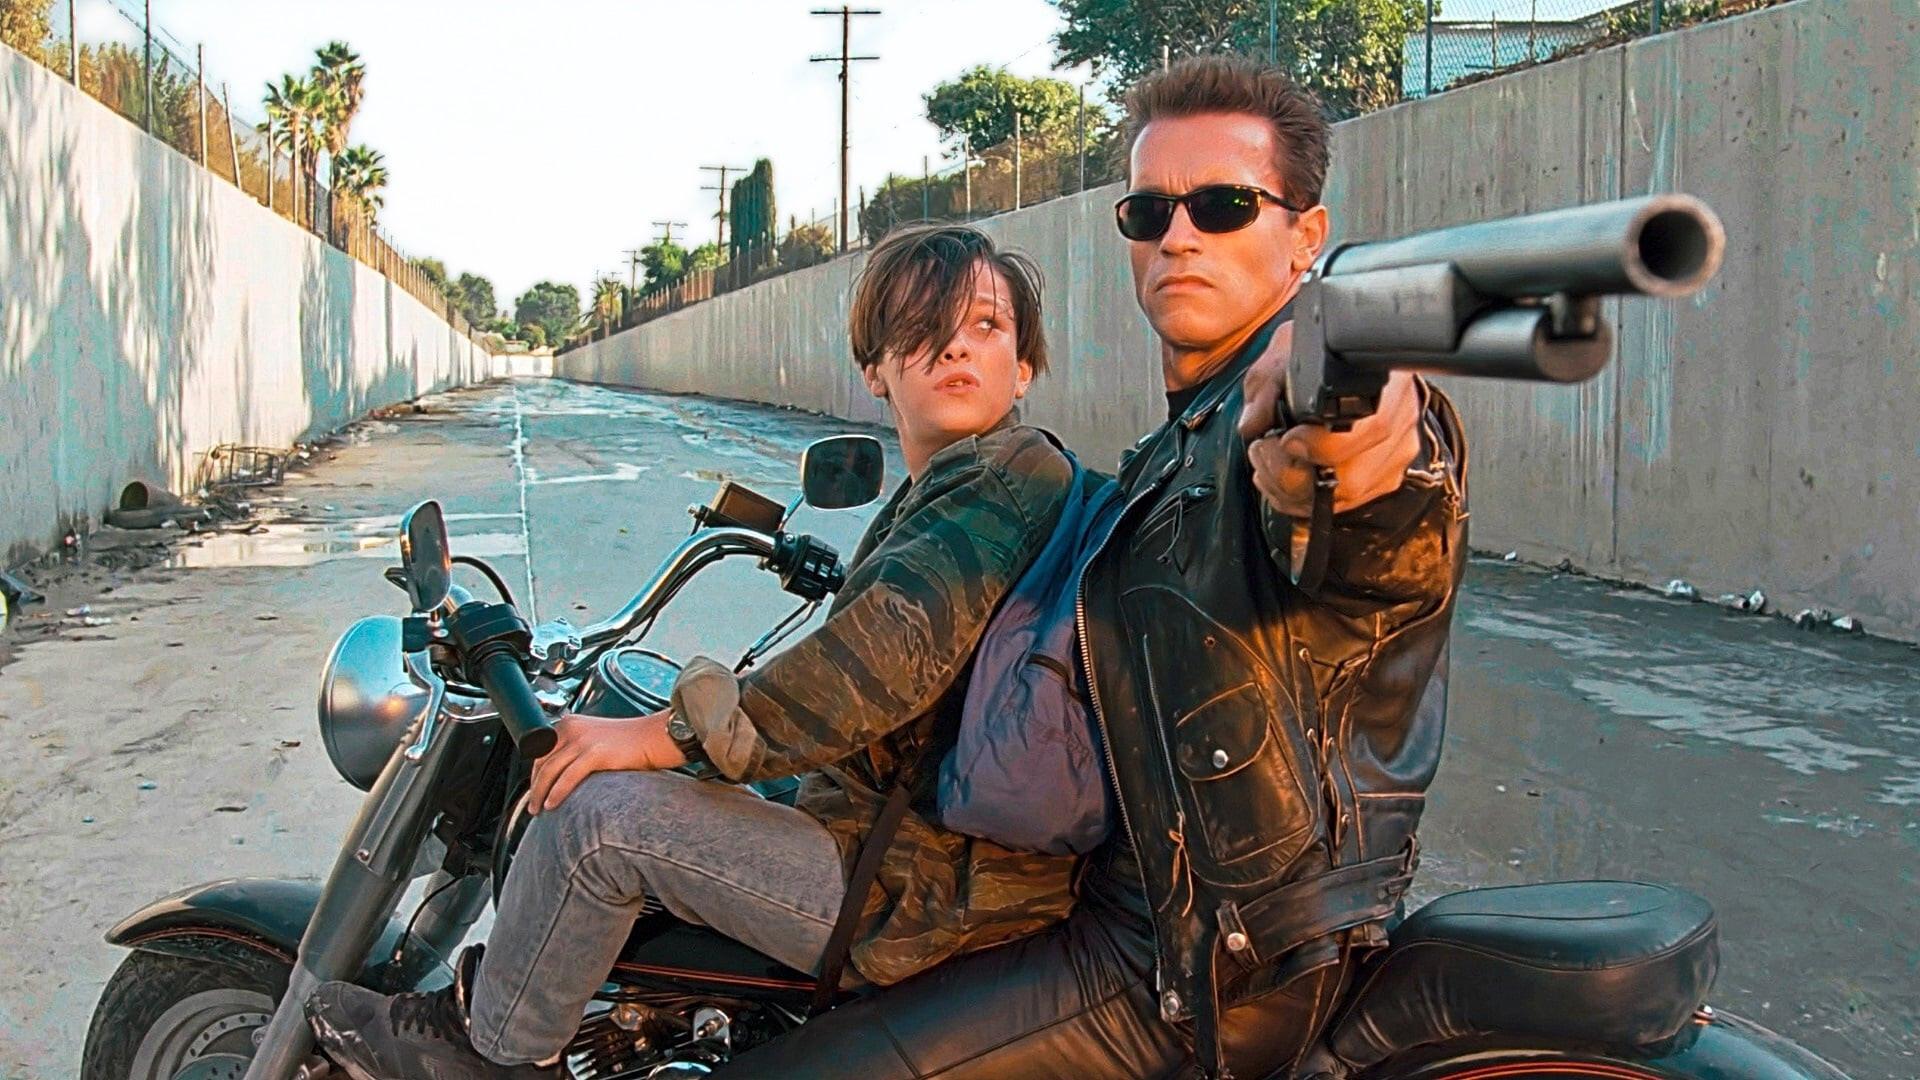 Legendarische actiefilm Terminator 2: Judgment Day zie je donderdag op SBS9